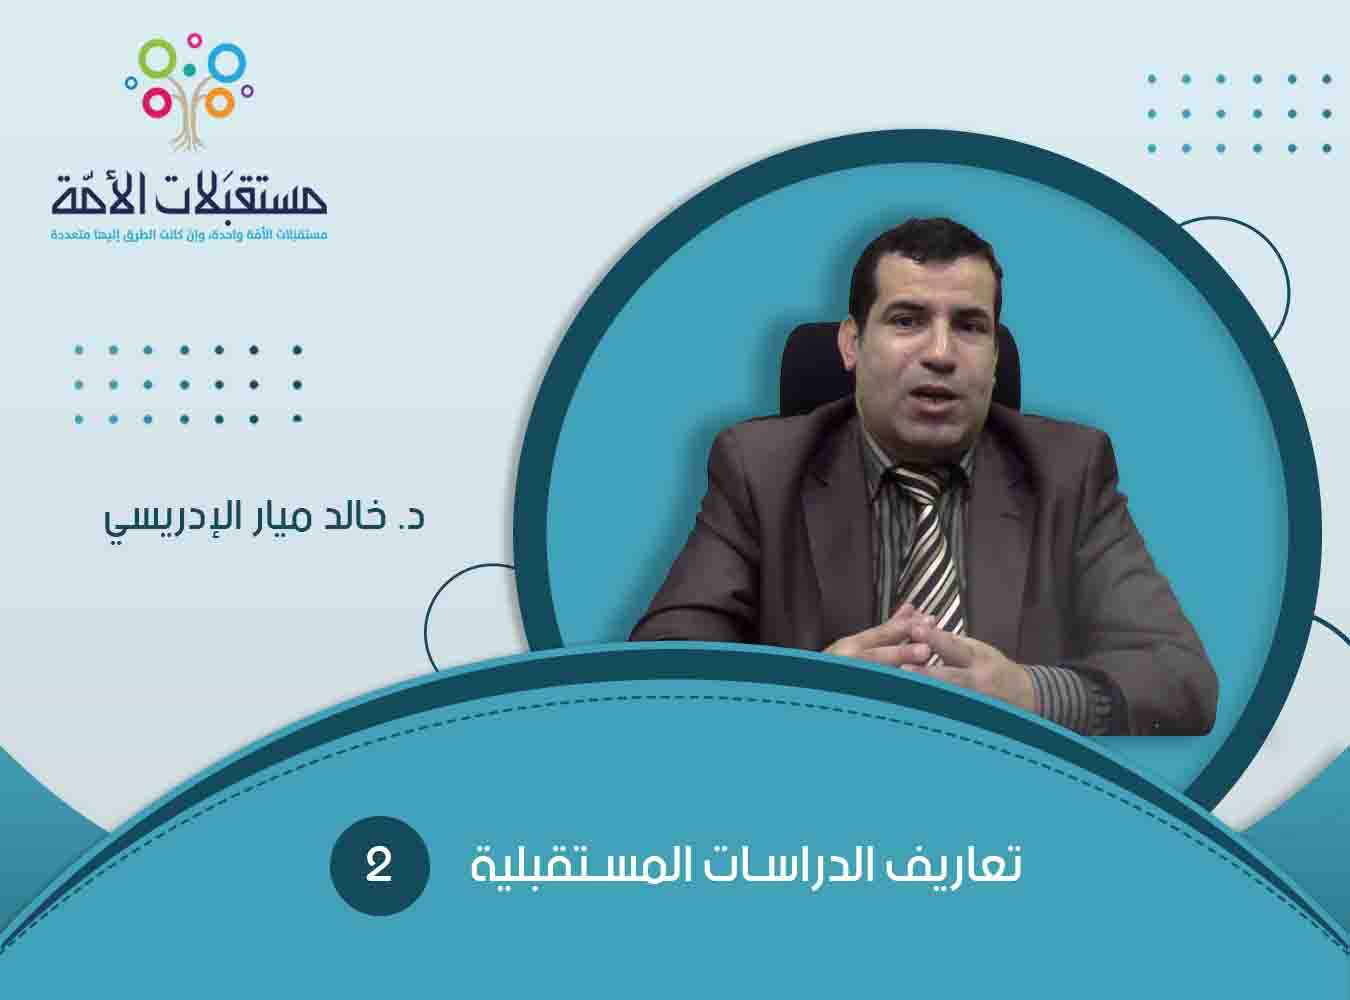 تعاريف الدراسات المستقبلية (2) د. خالد ميار الإدريسي